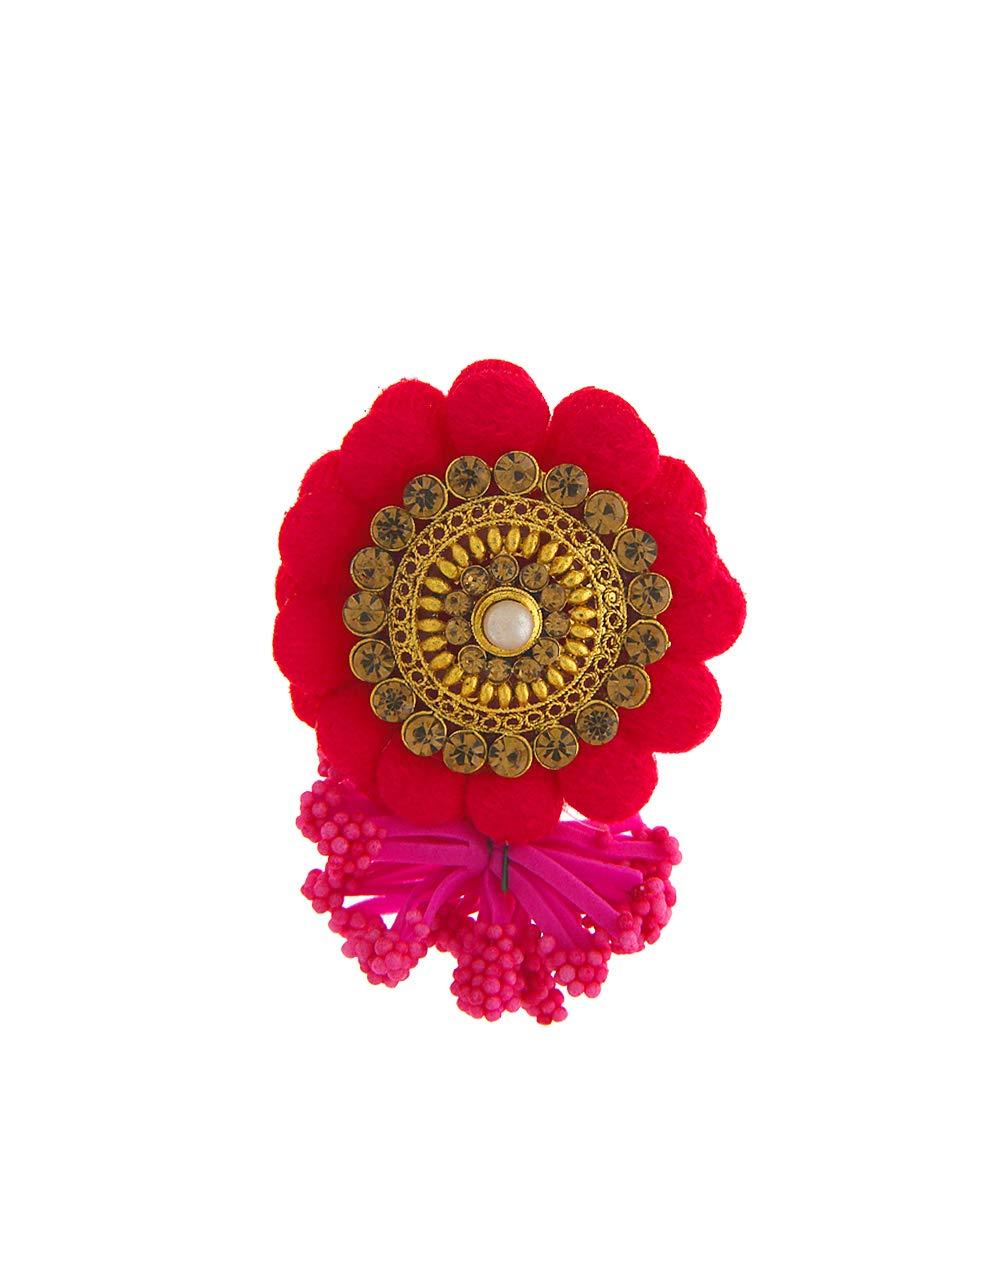 Anuradha Art Pink Colour Flower Inspired Adorable Sari/Saree Pin for Women/Girls